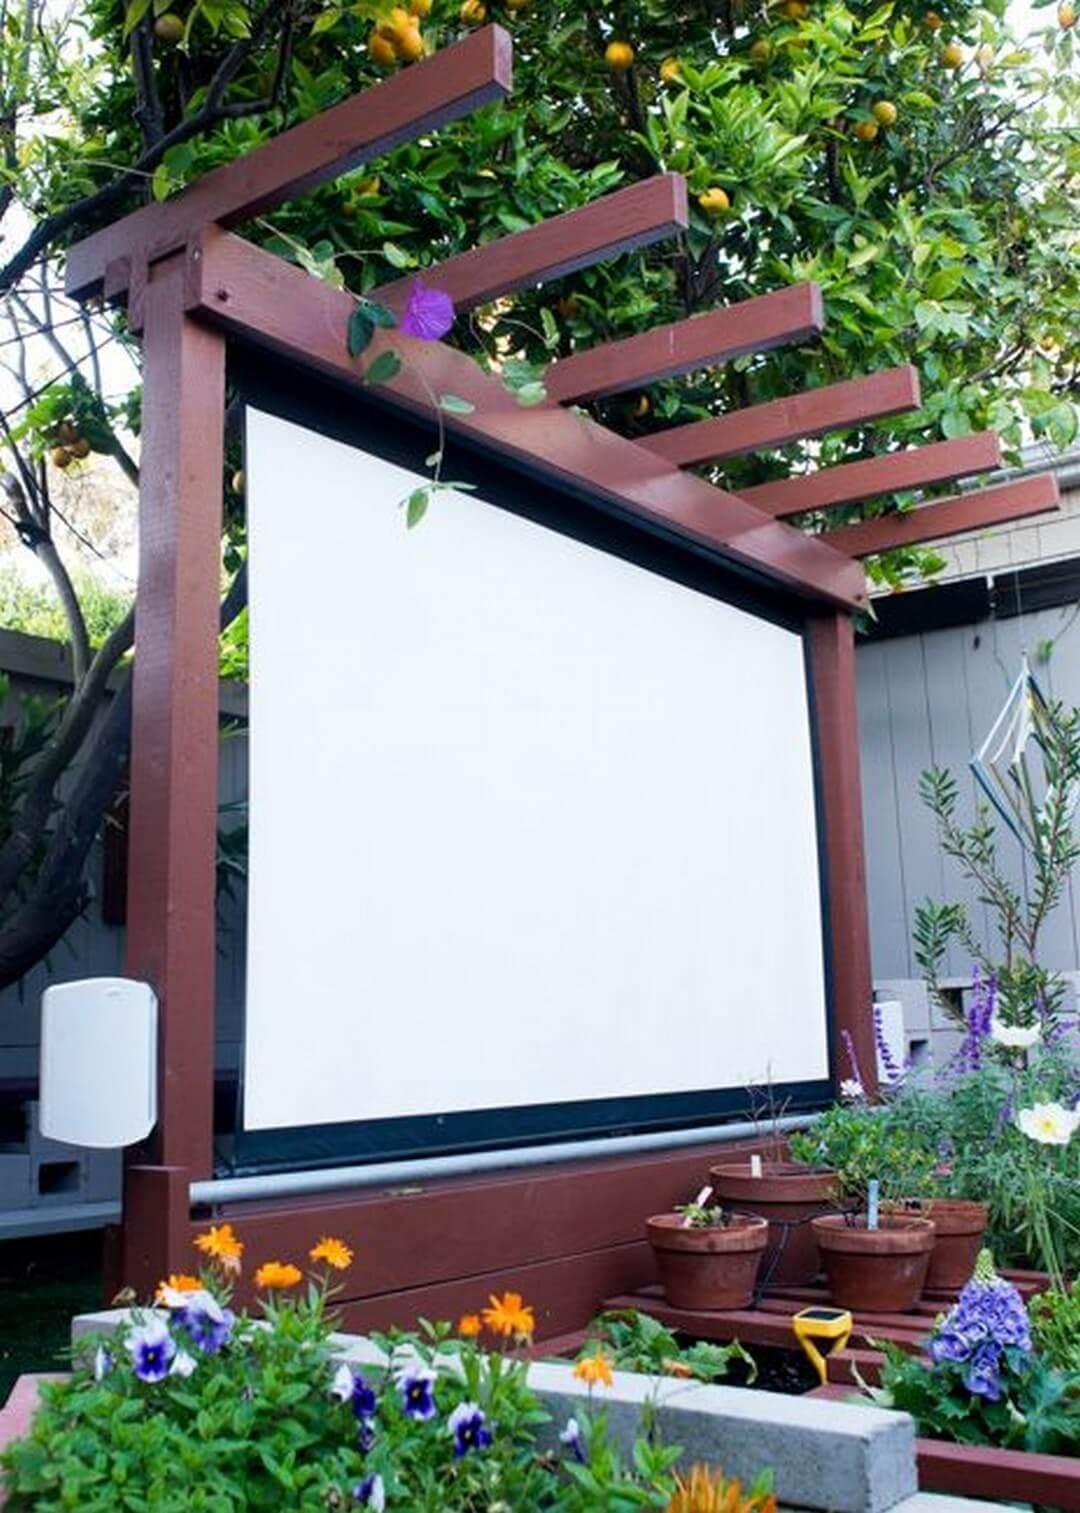 Amazing Outdoor Garden Big Screen Theater